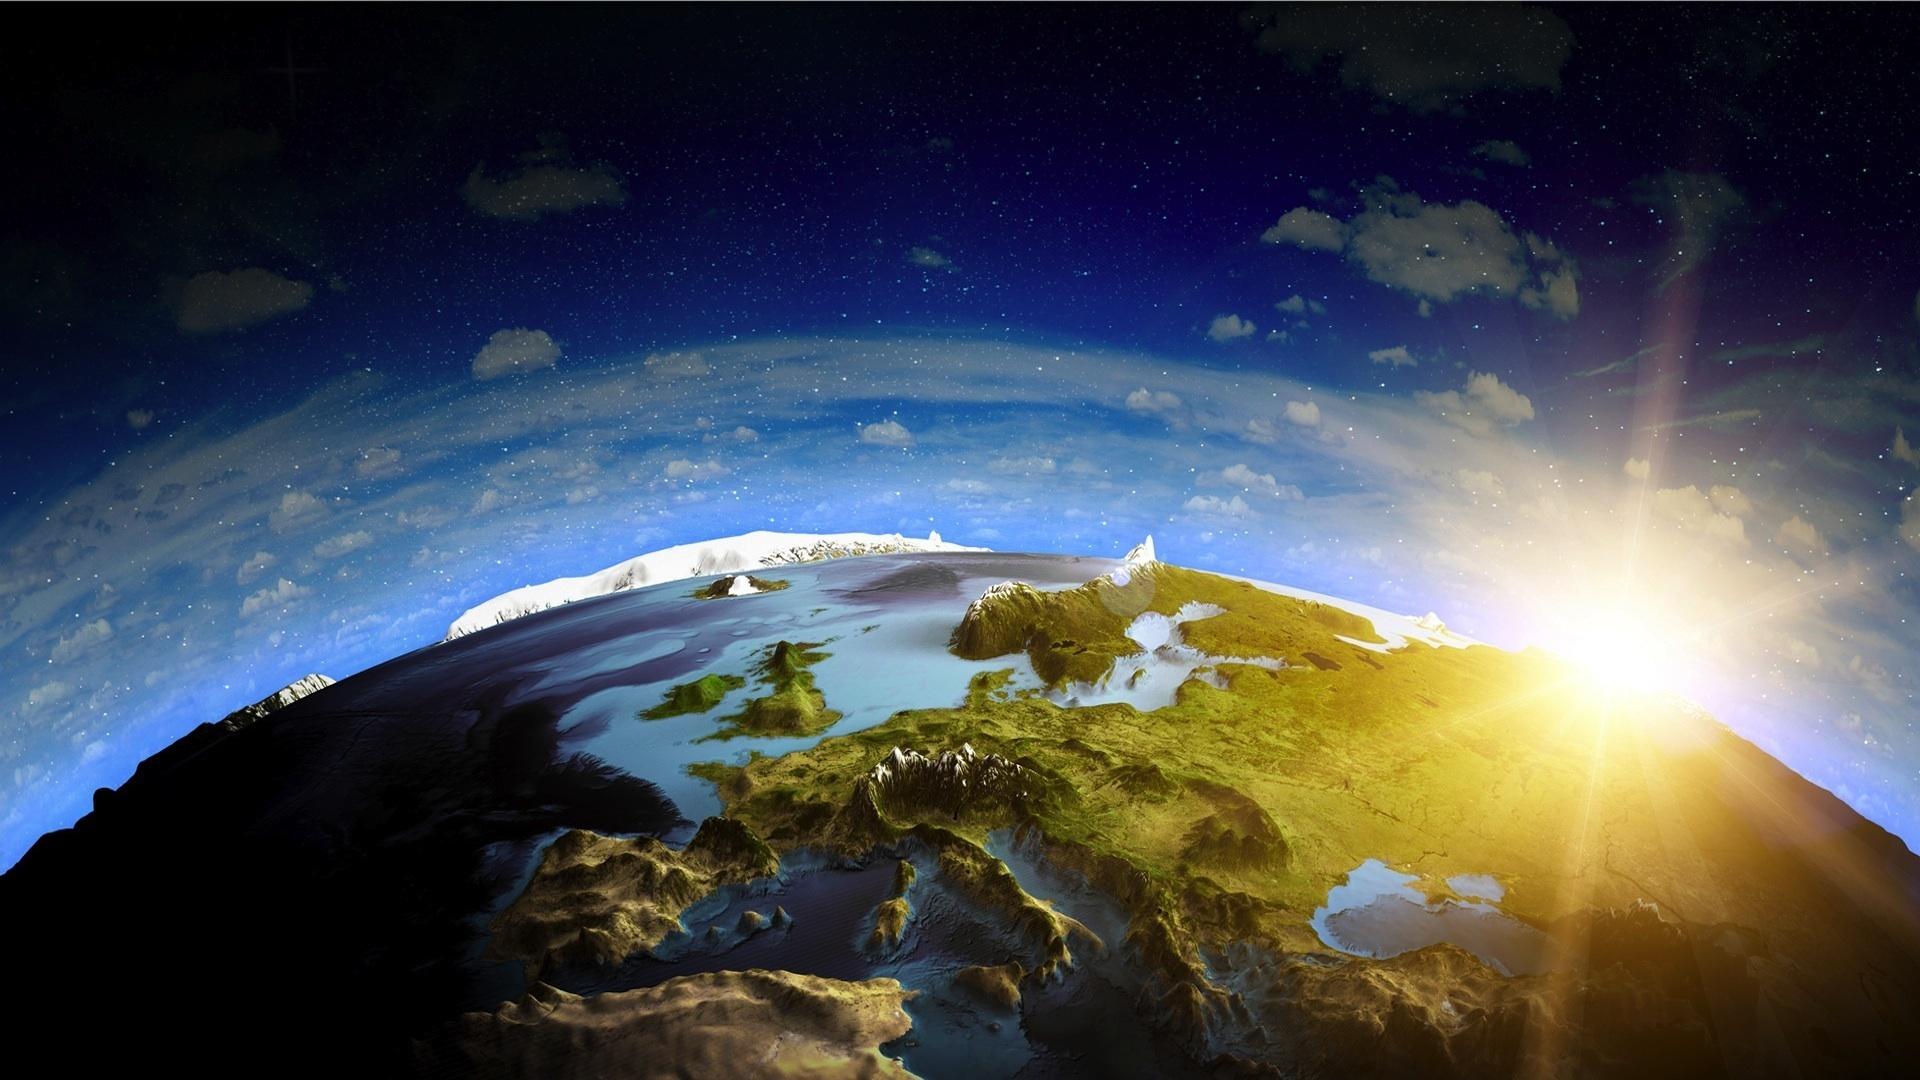 Обои Земля планета космос картинки на рабочий стол на тему Космос - скачать  № 3551562 бесплатно